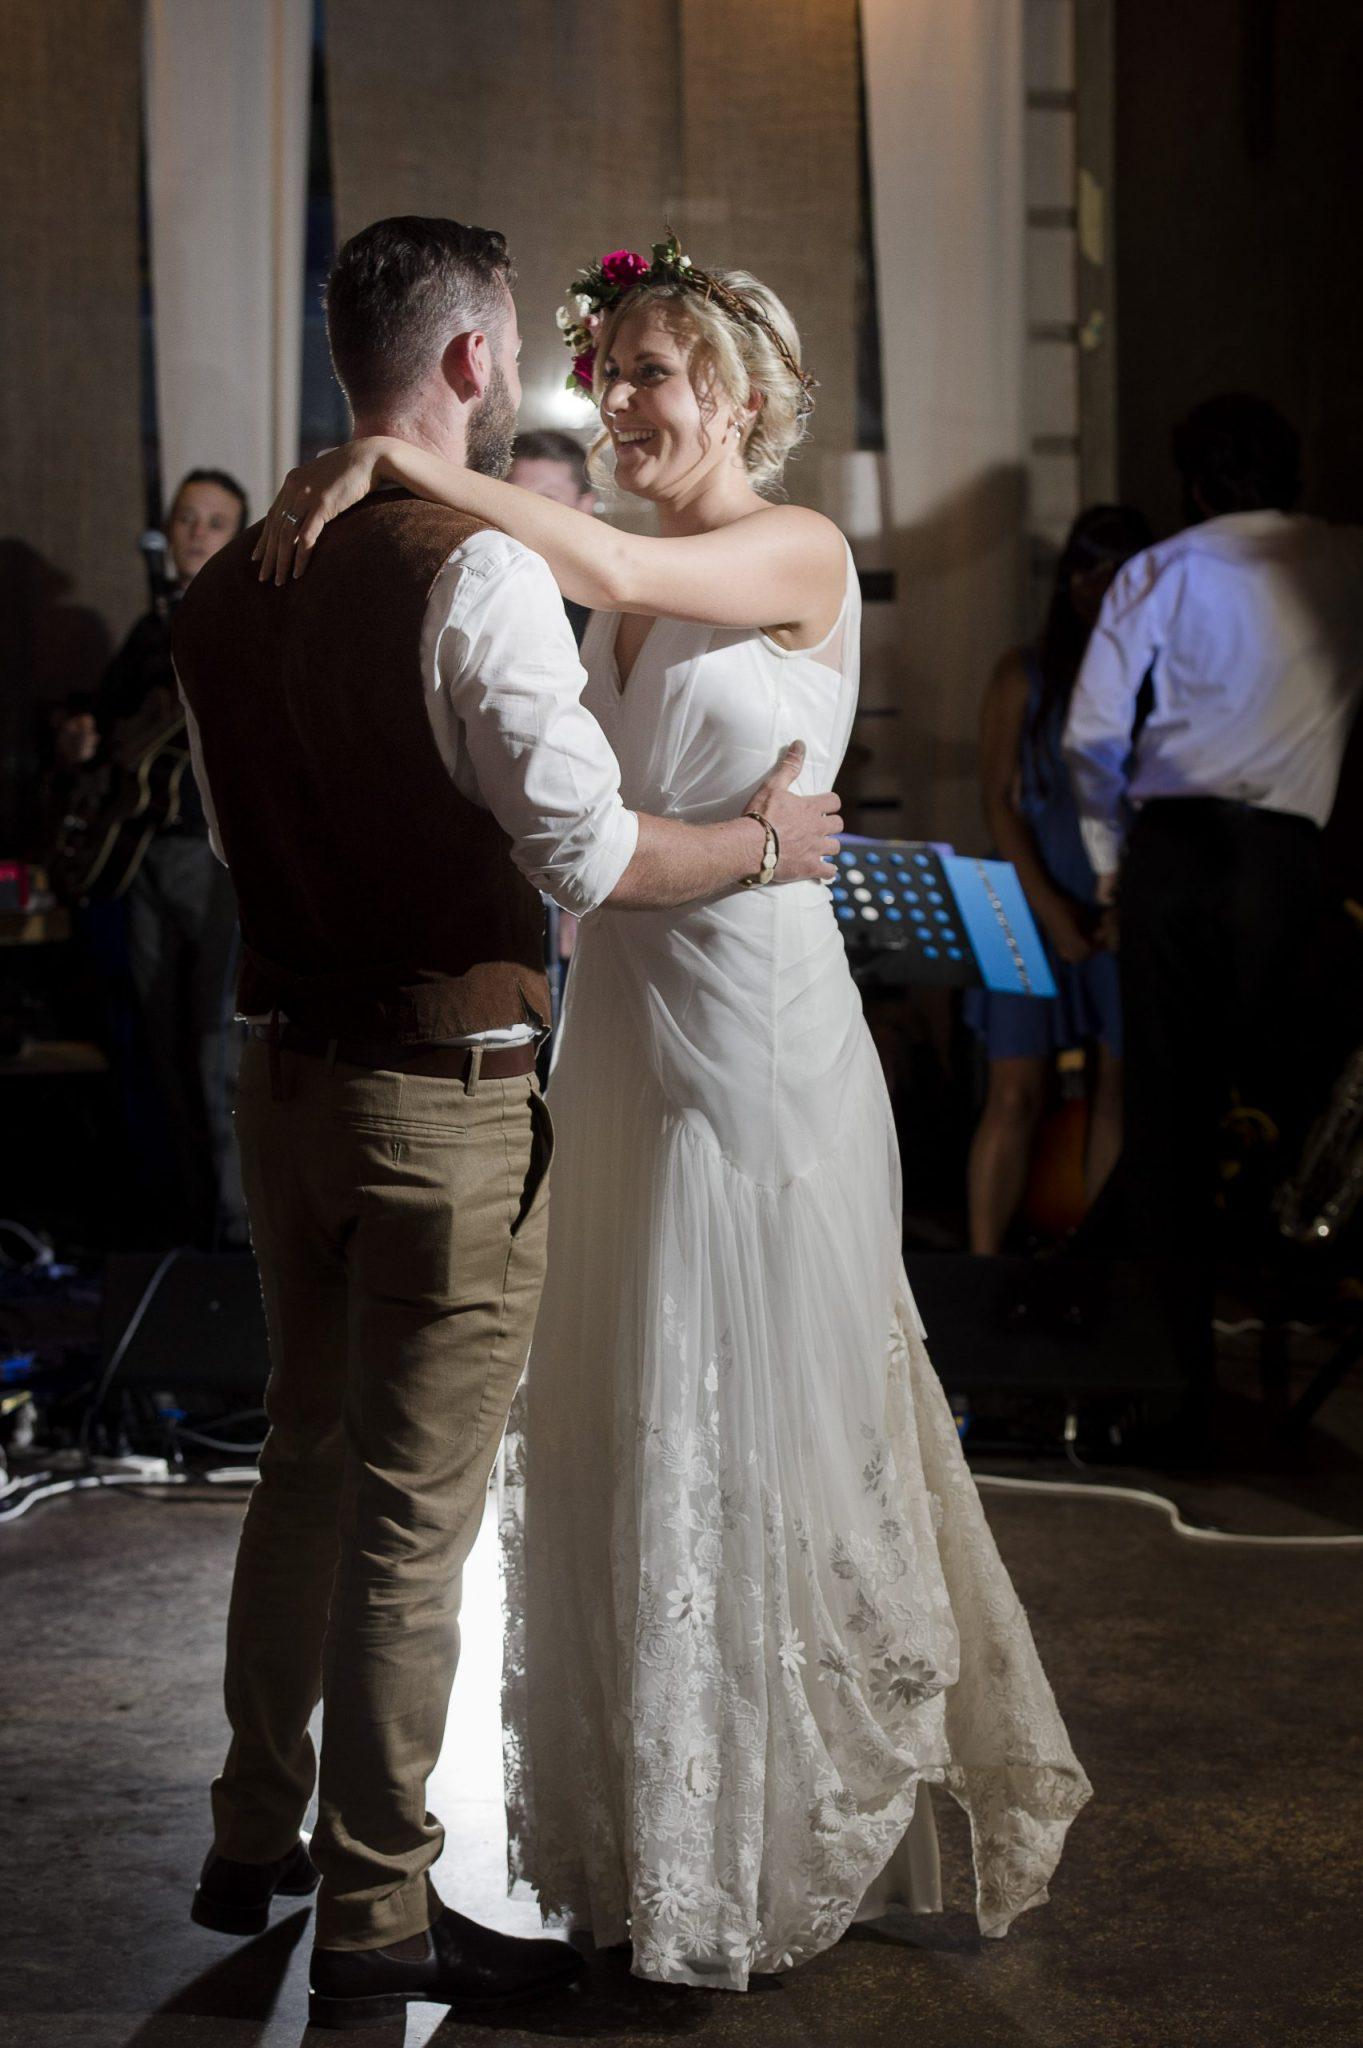 wedding flowers, vintage bride, Daylesford wedding, country wedding, vintage wedding, first dance